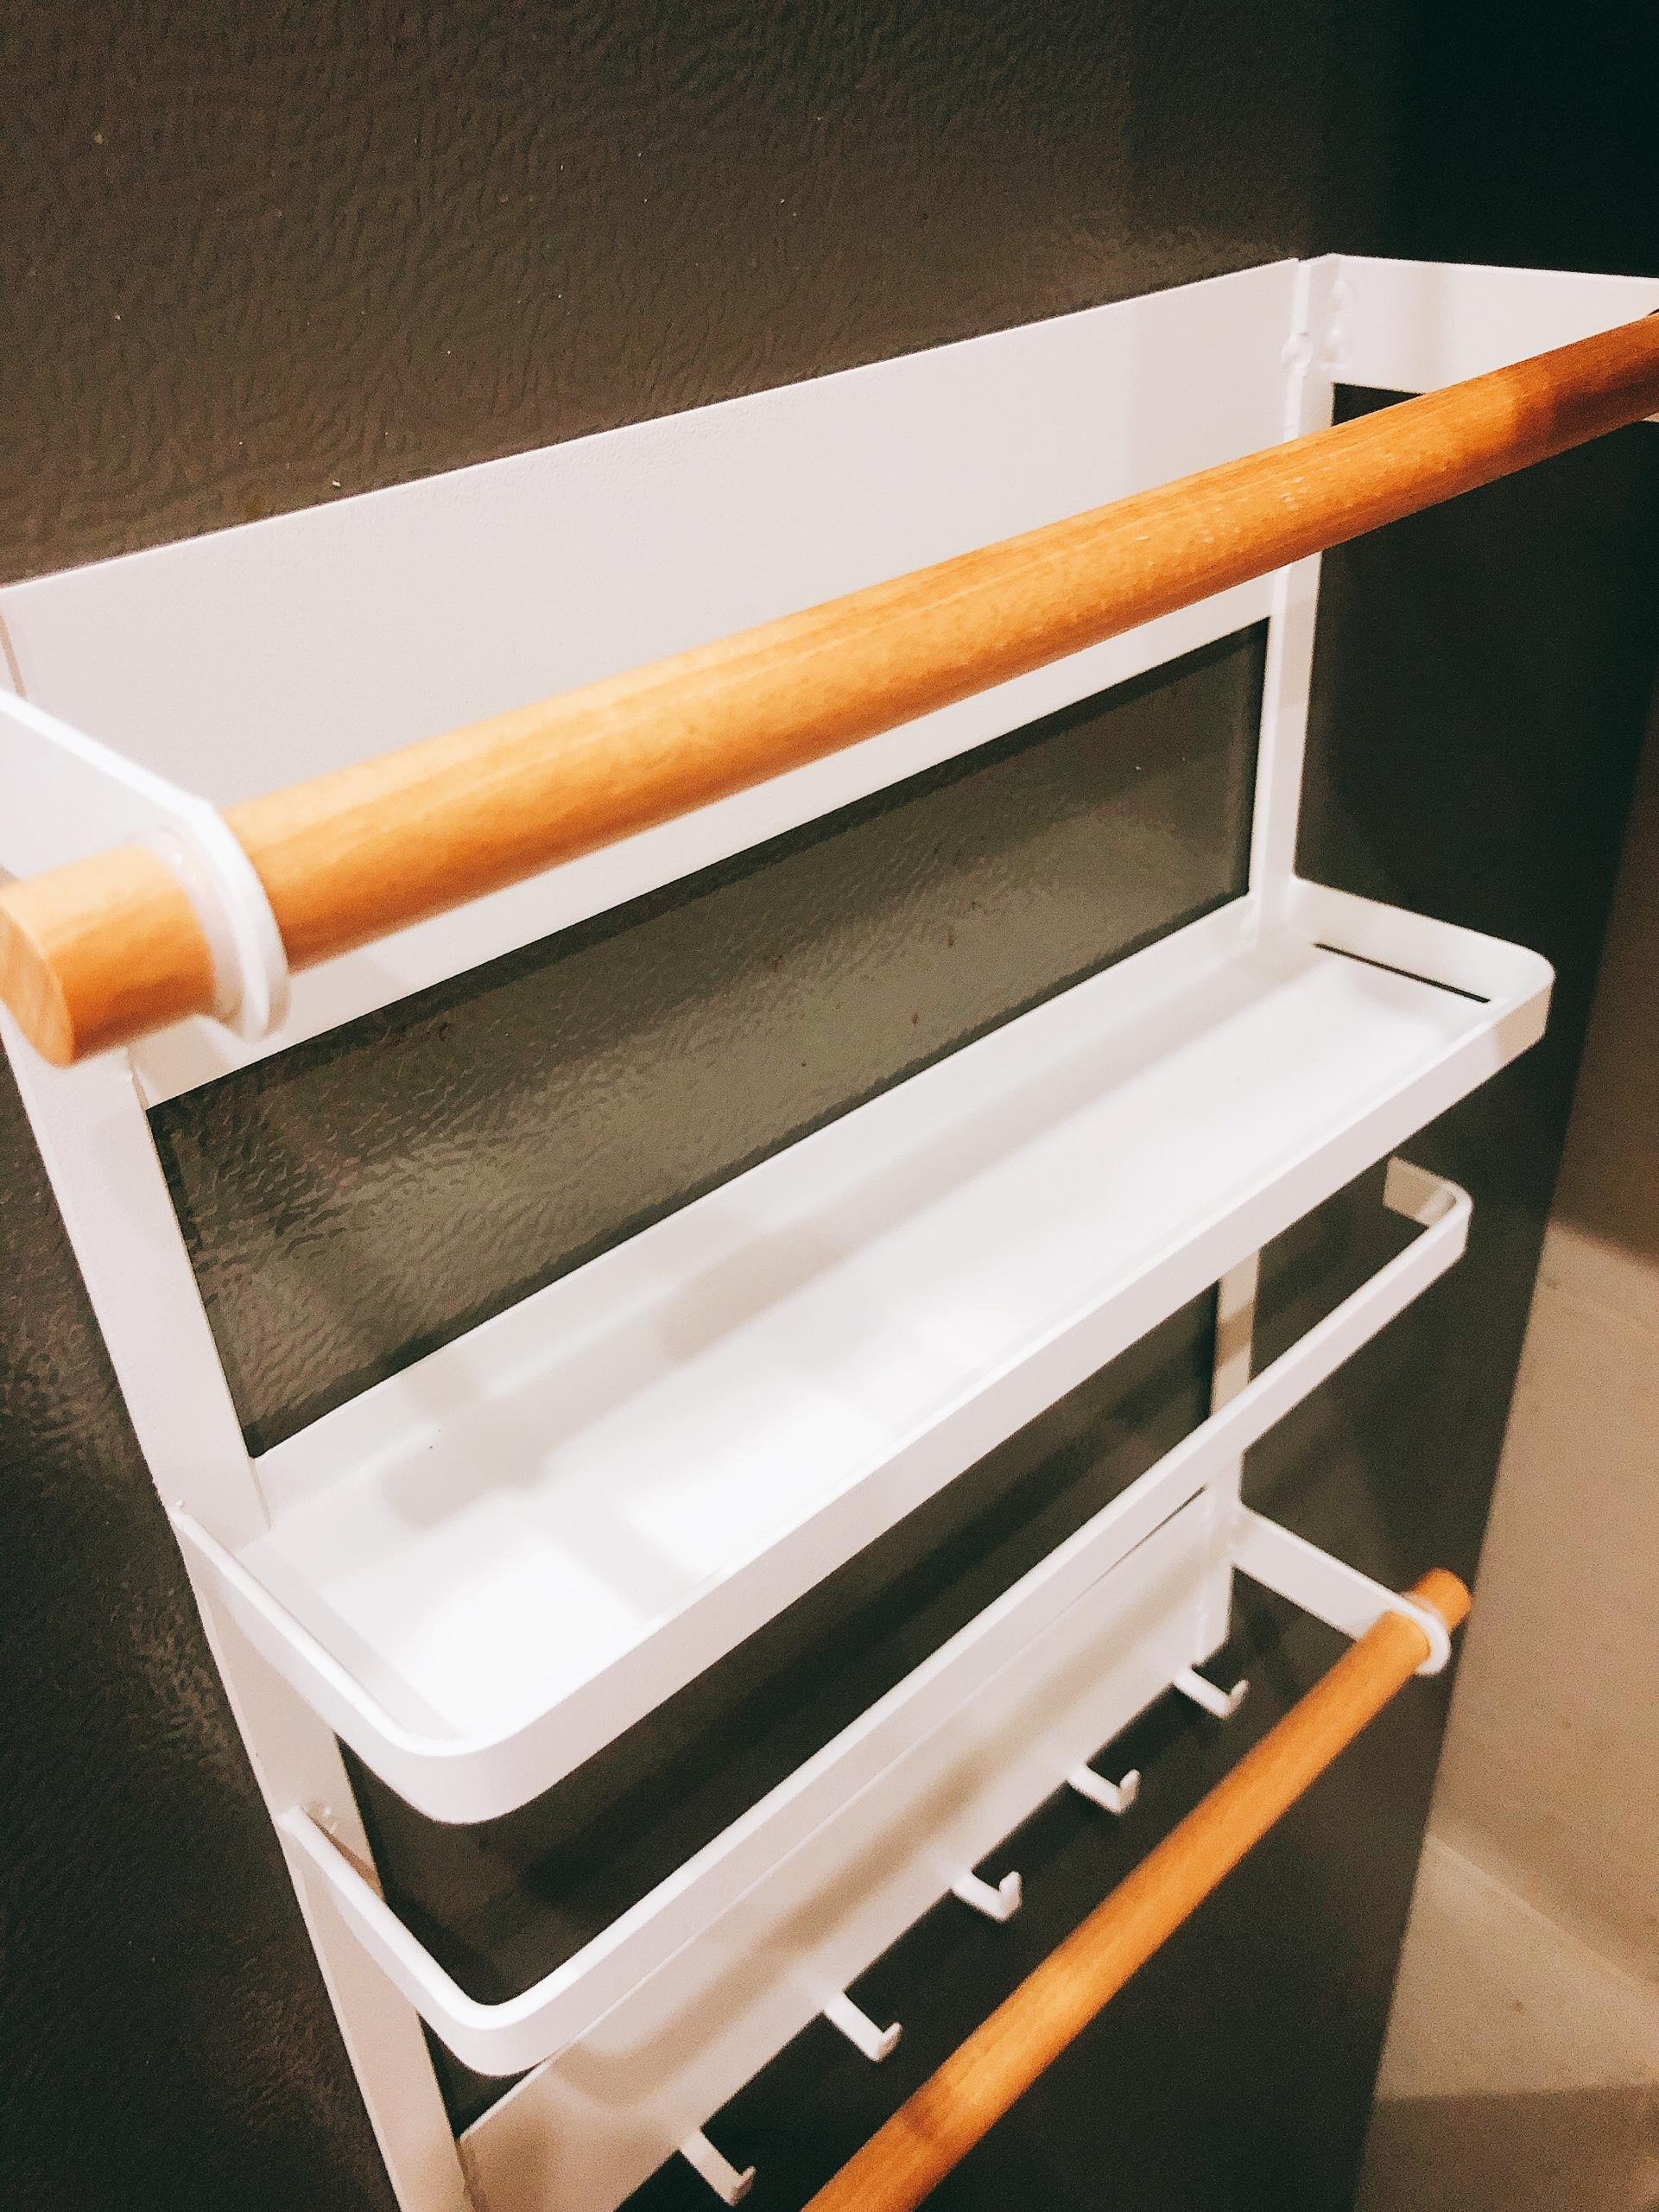 Kệ đựng đồ có nam châm hít tủ lạnh 34x27.5x7.5cm - Chính hãng (Giao màu ngẫu nhiên)